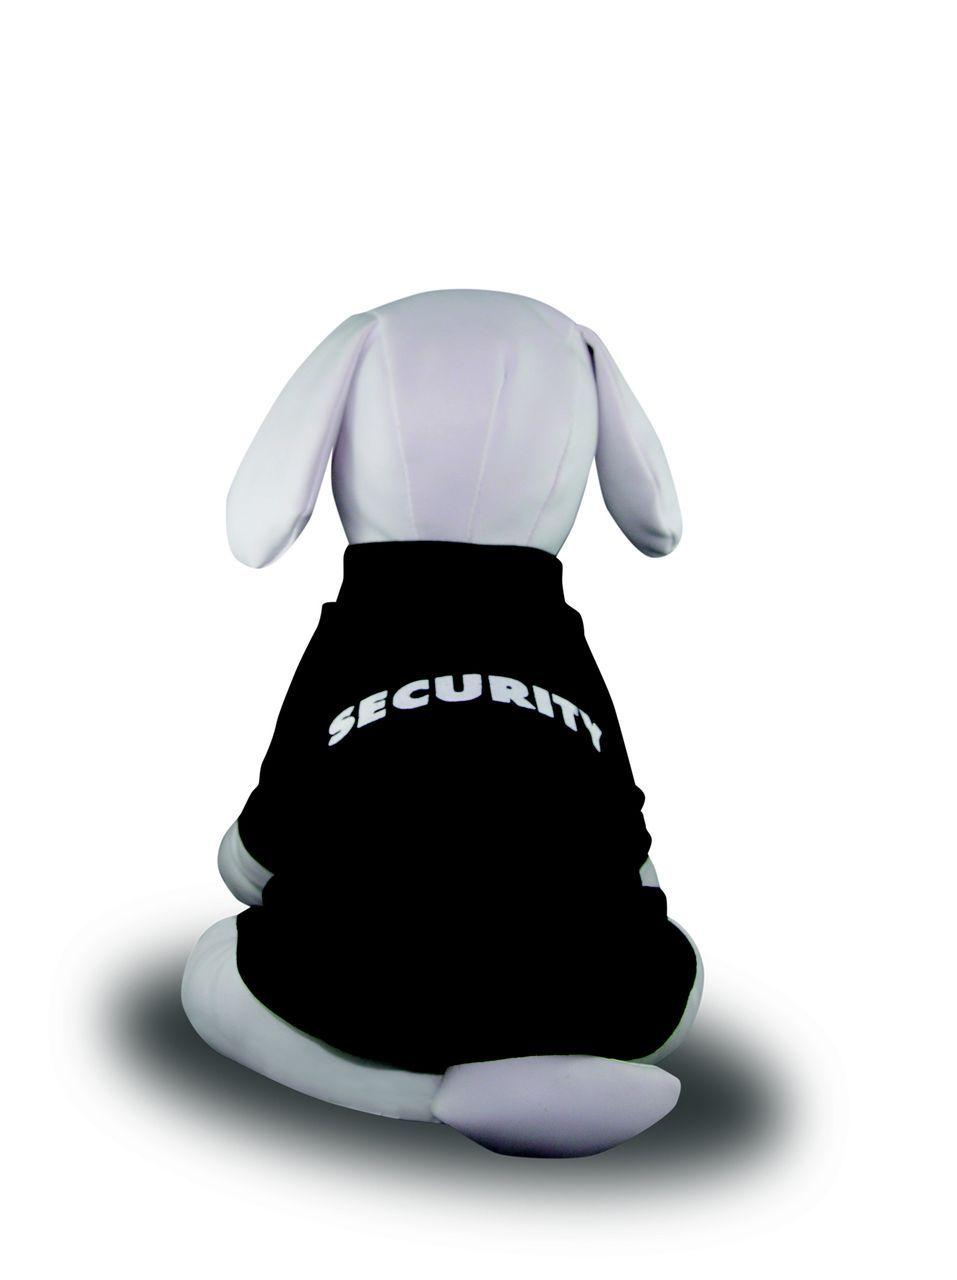 Security Dog T Shirt photo - 2